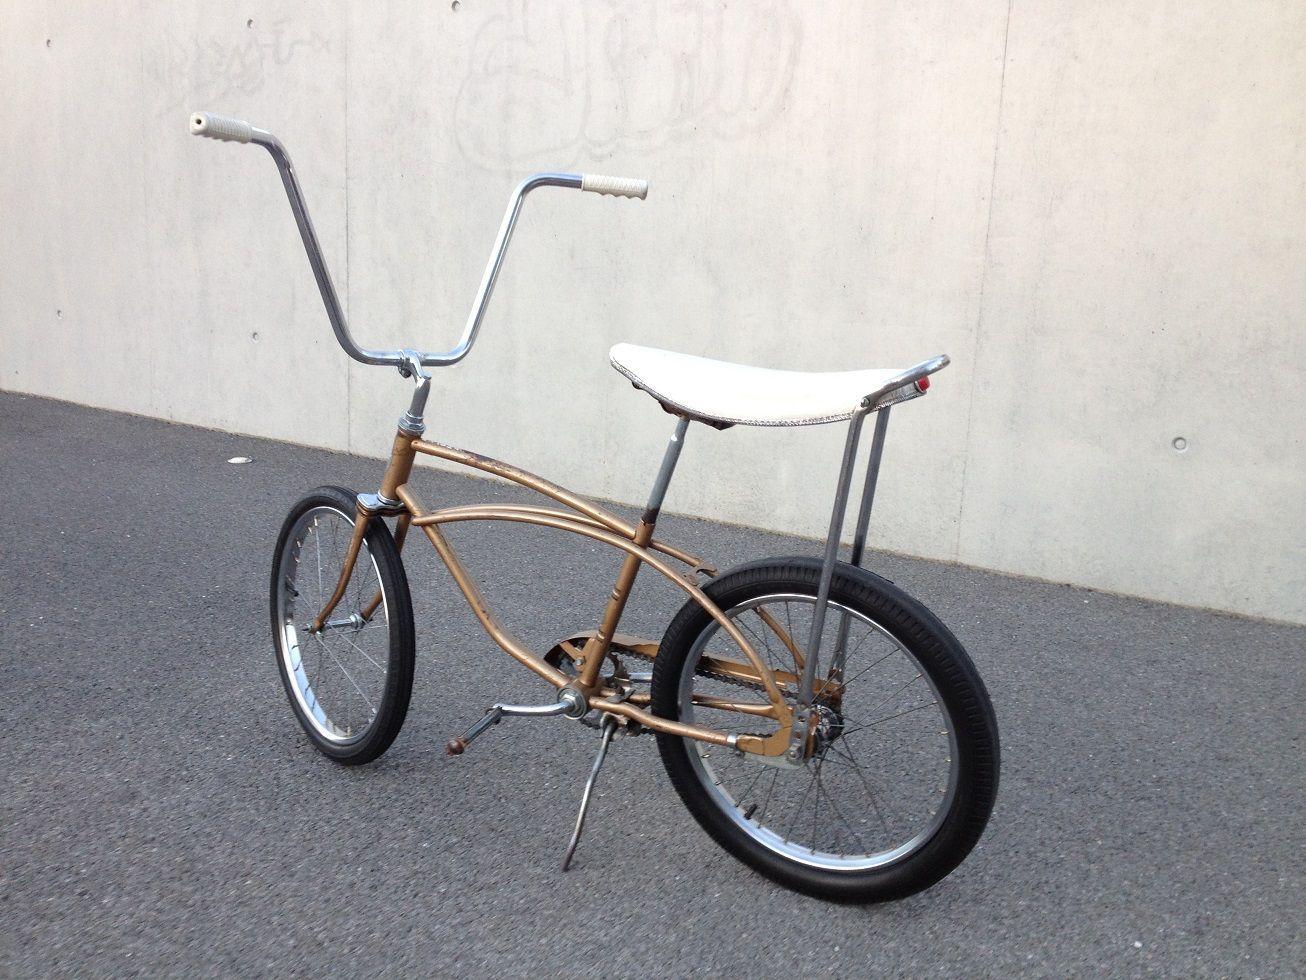 1965 Lime Schwinn Stingray Bike Vintage Muscle Bicycle Luxlow